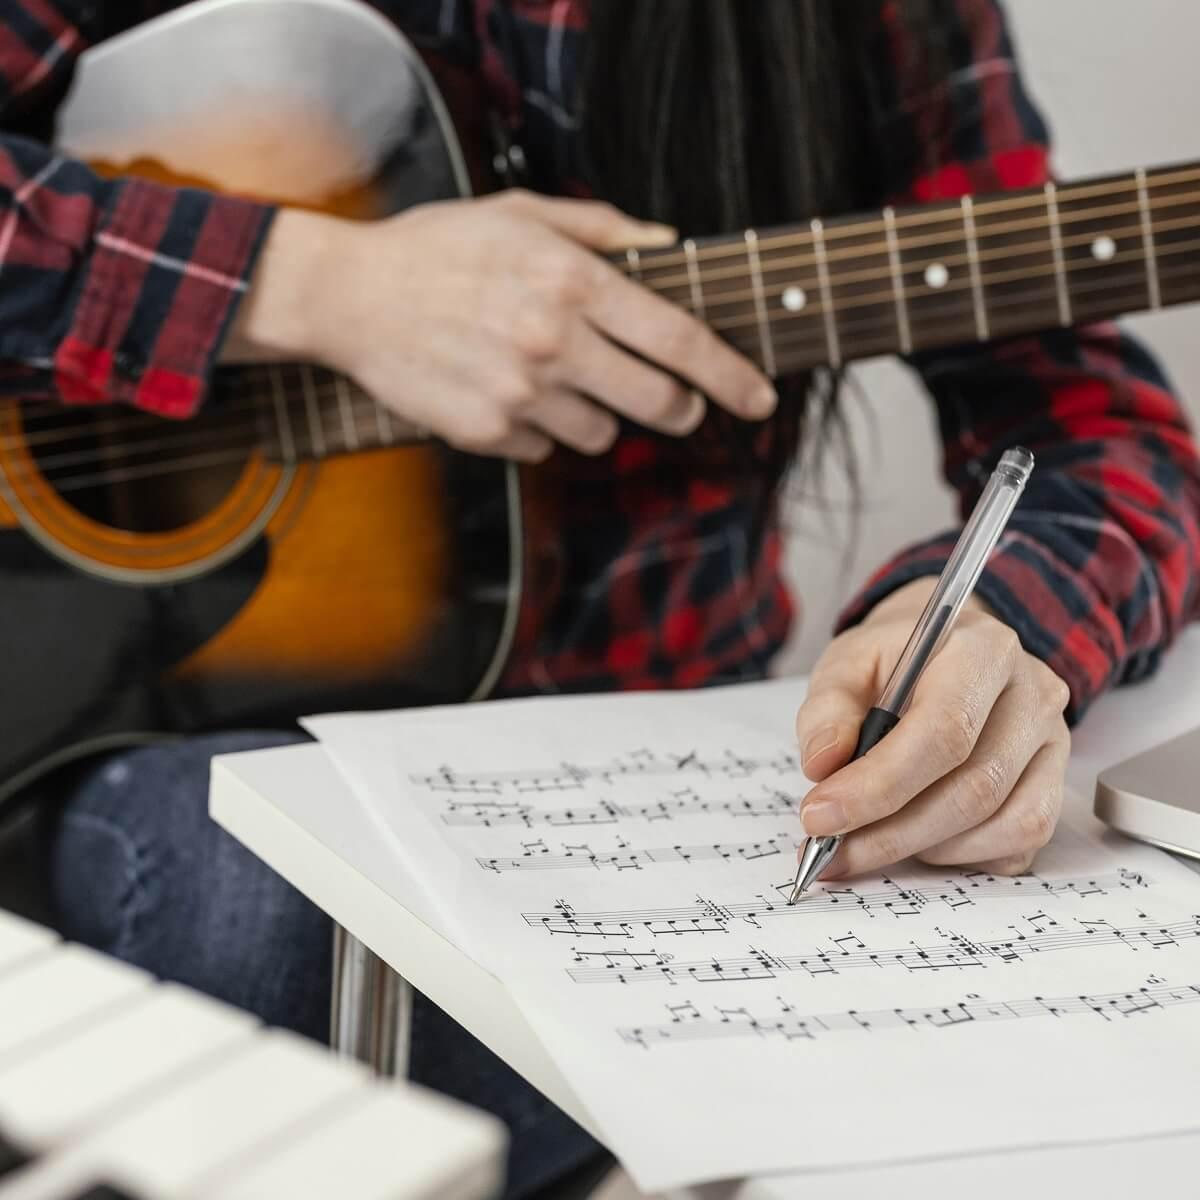 バンドで作曲ができない場合の対策!バンドメンバーで作曲したい